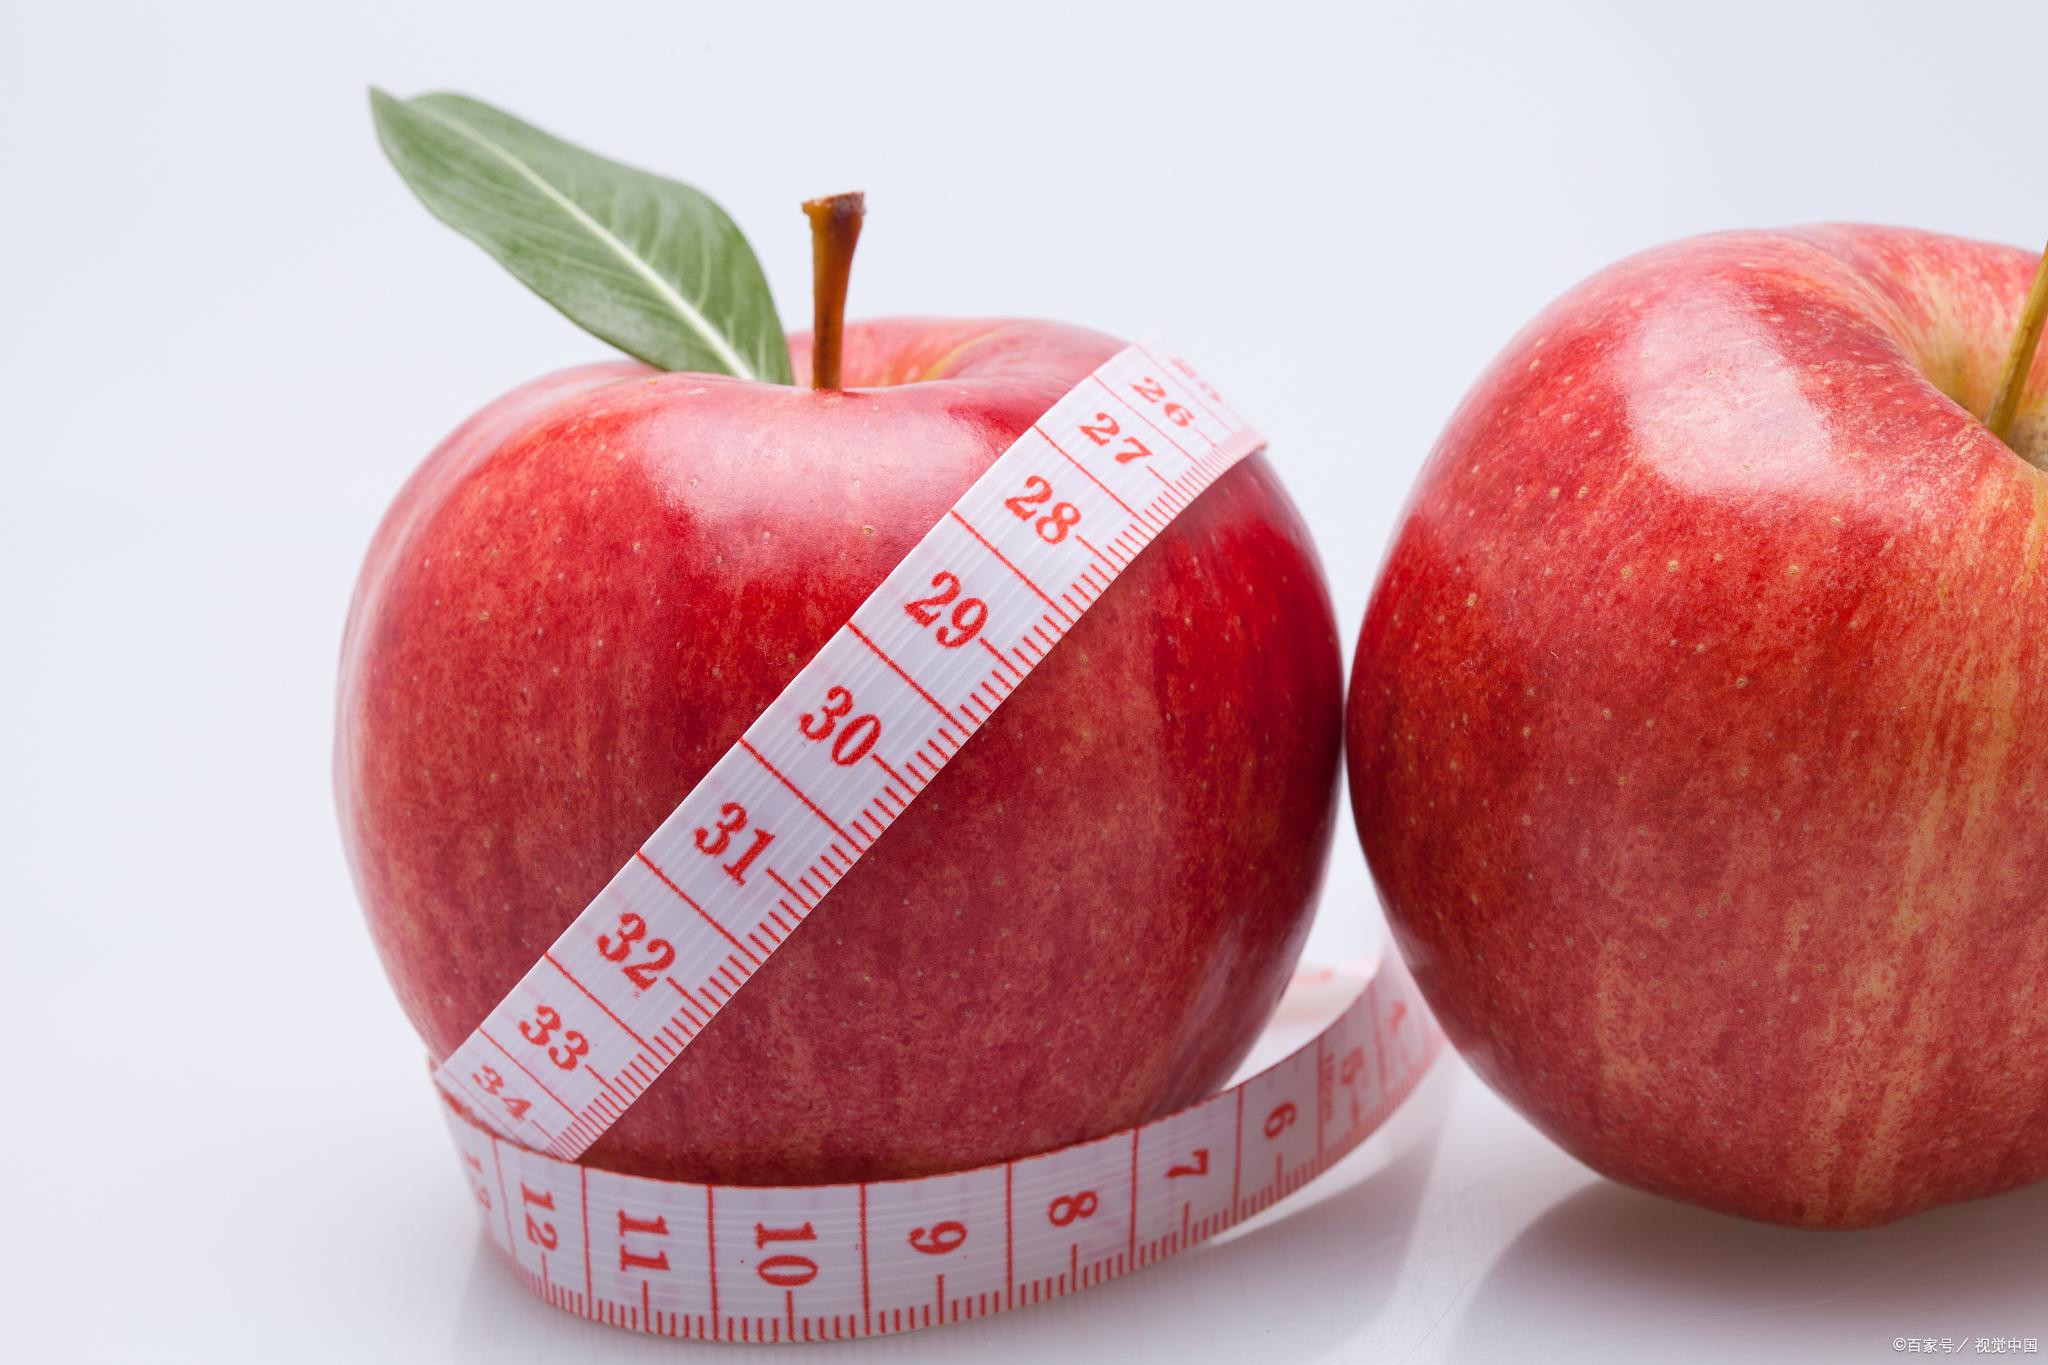 减肥期间应该吃什么水果?